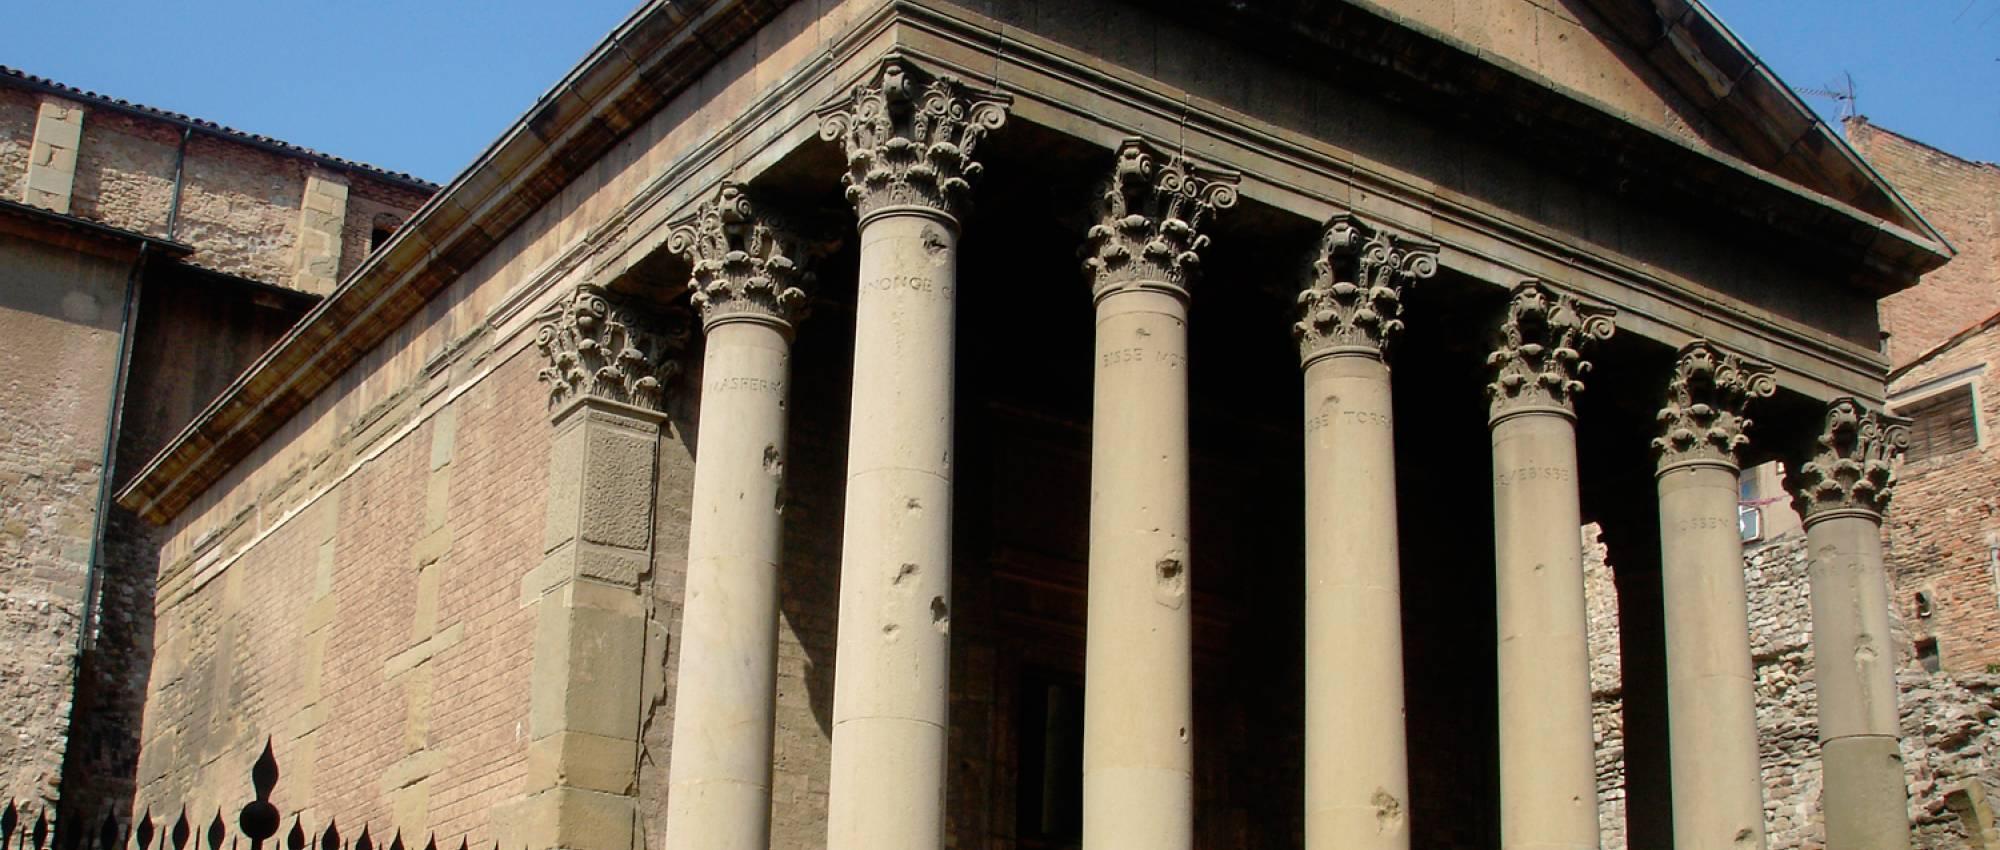 Fachada del templo romano de Vic. Dominio Público